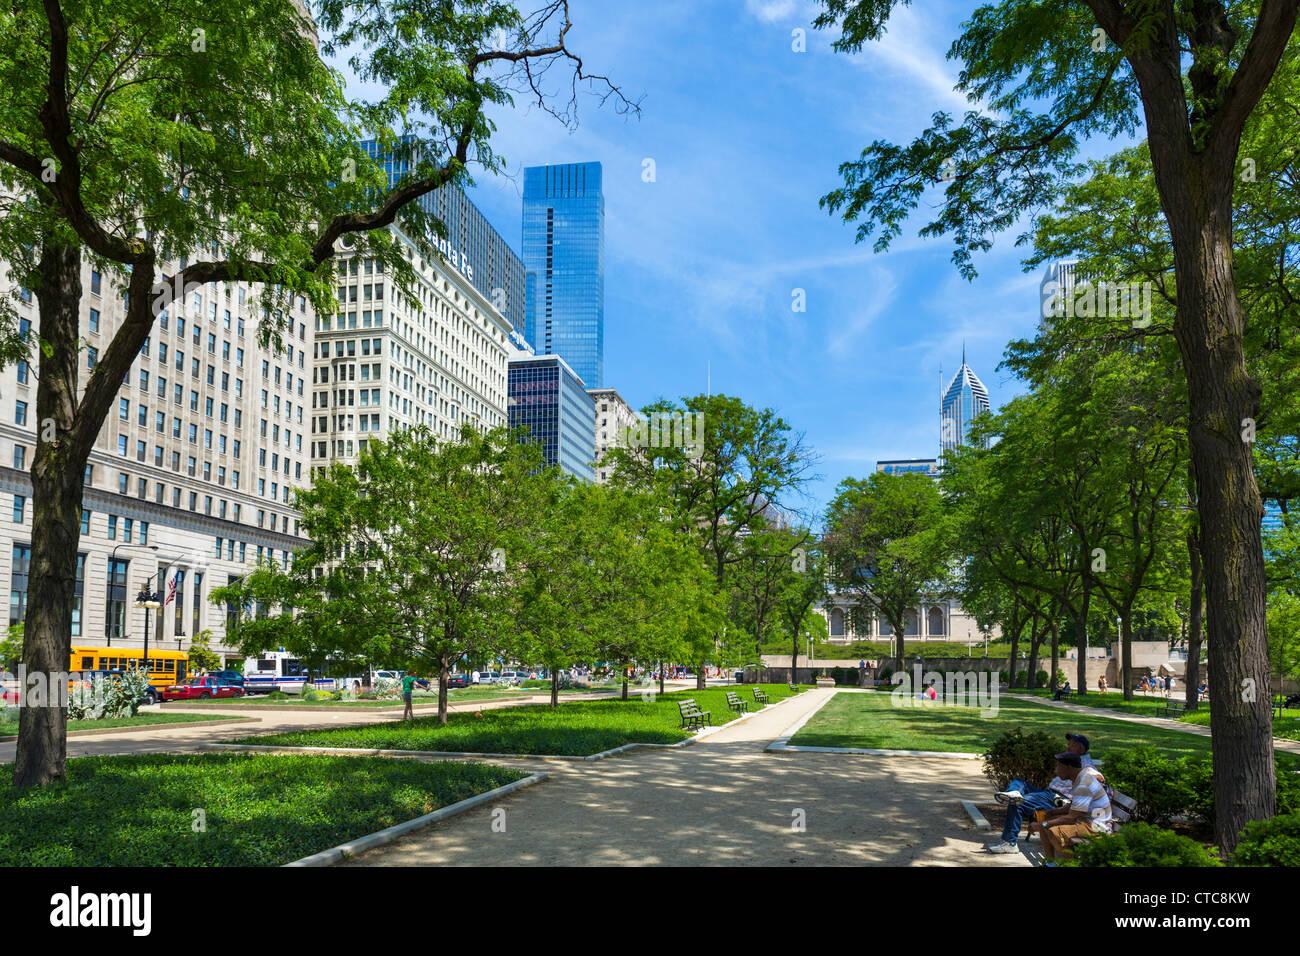 Michigan Avenue, près de l'intersection avec Van Buren Street, Chicago, Illinois, USA Photo Stock